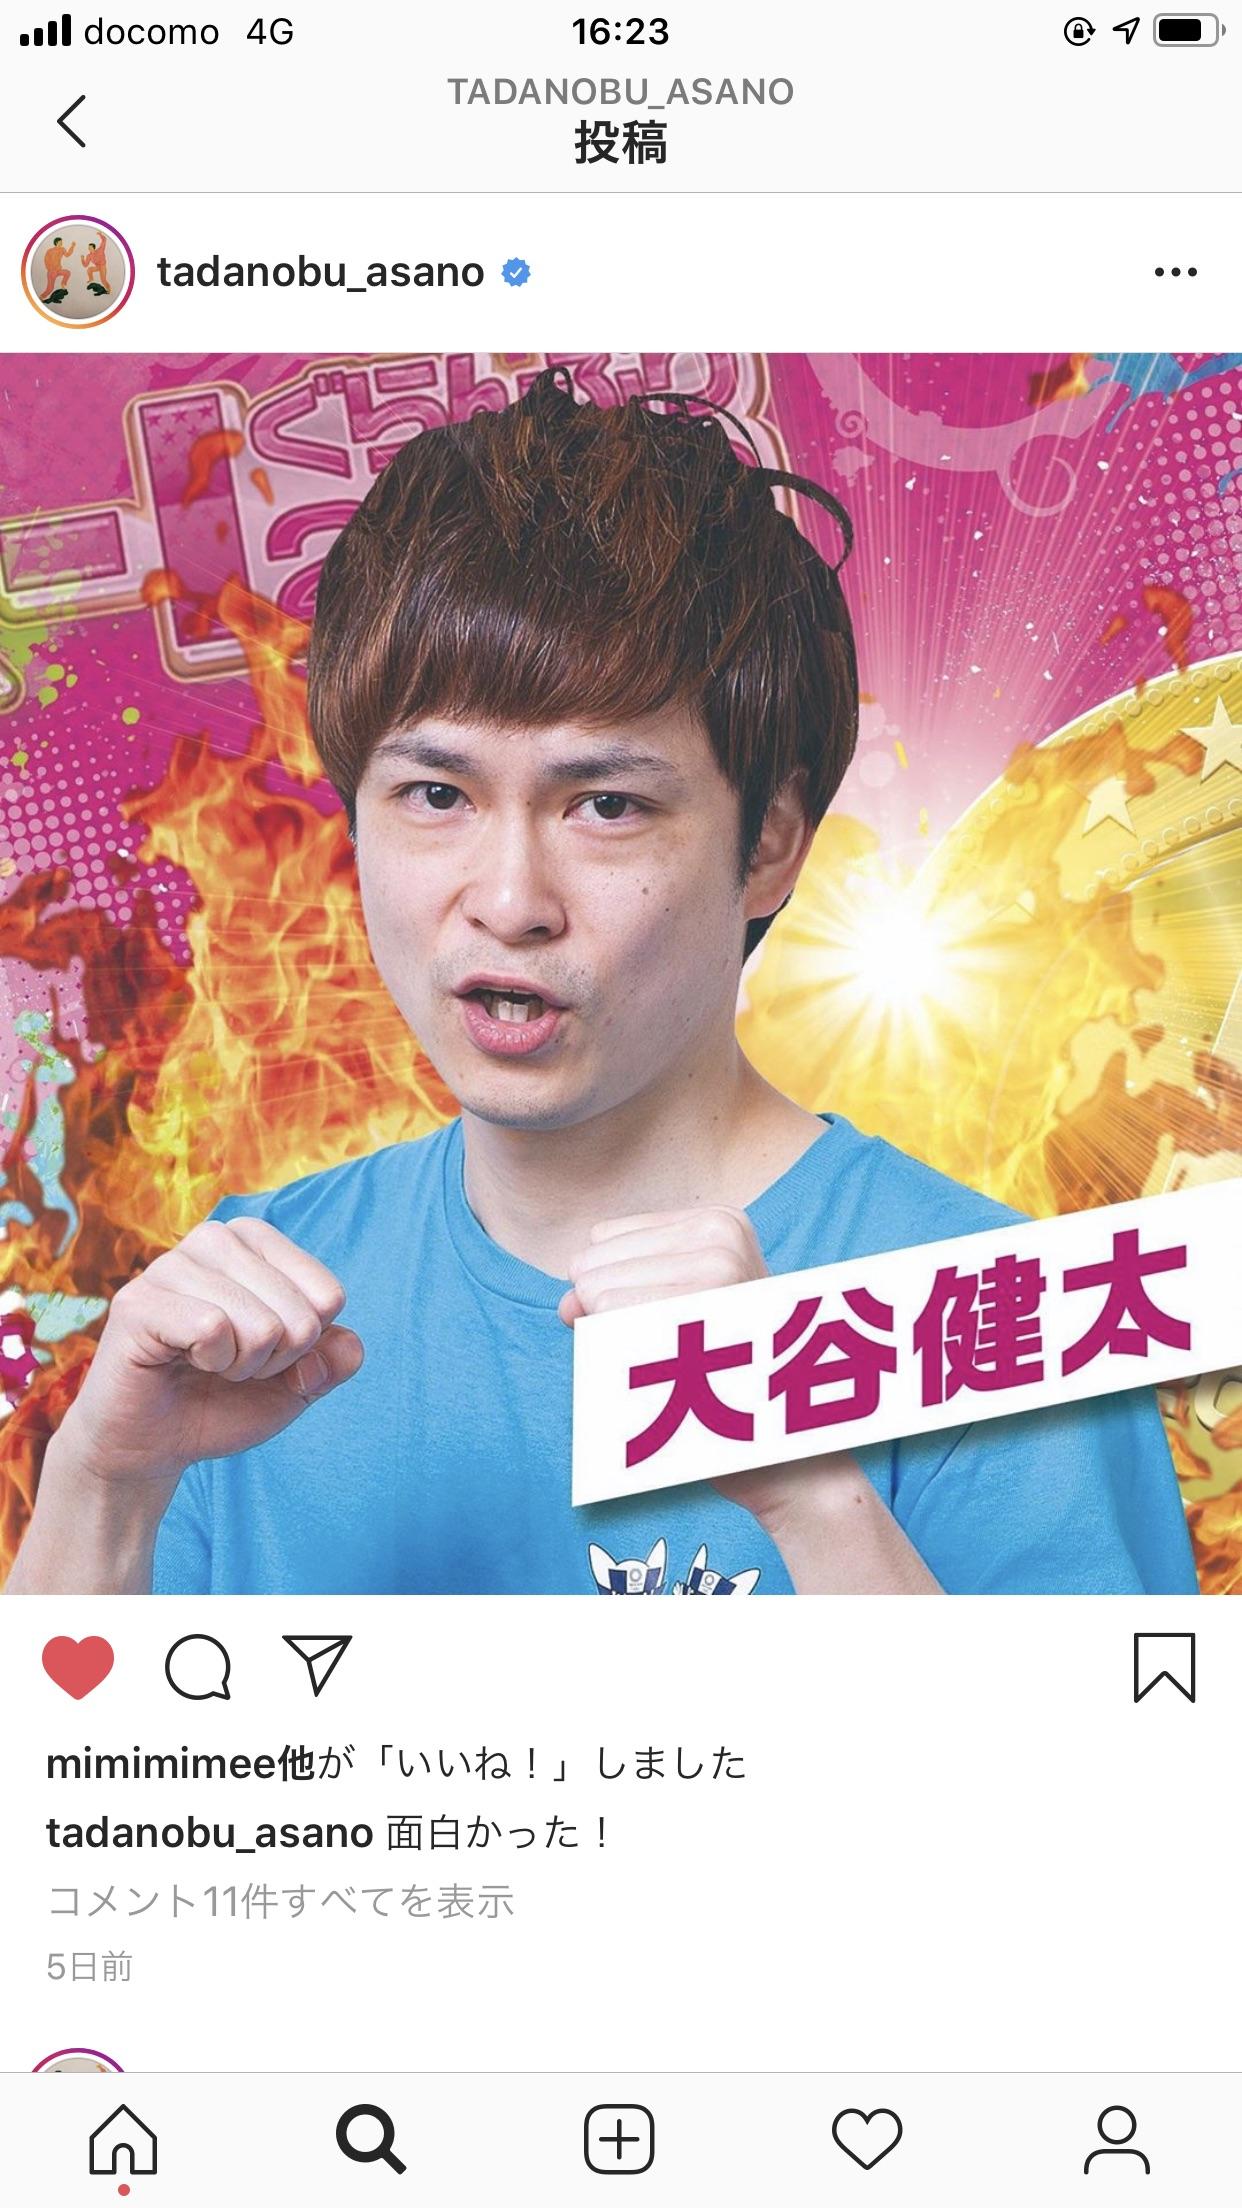 【劇場】9月11日大谷健太生誕祭